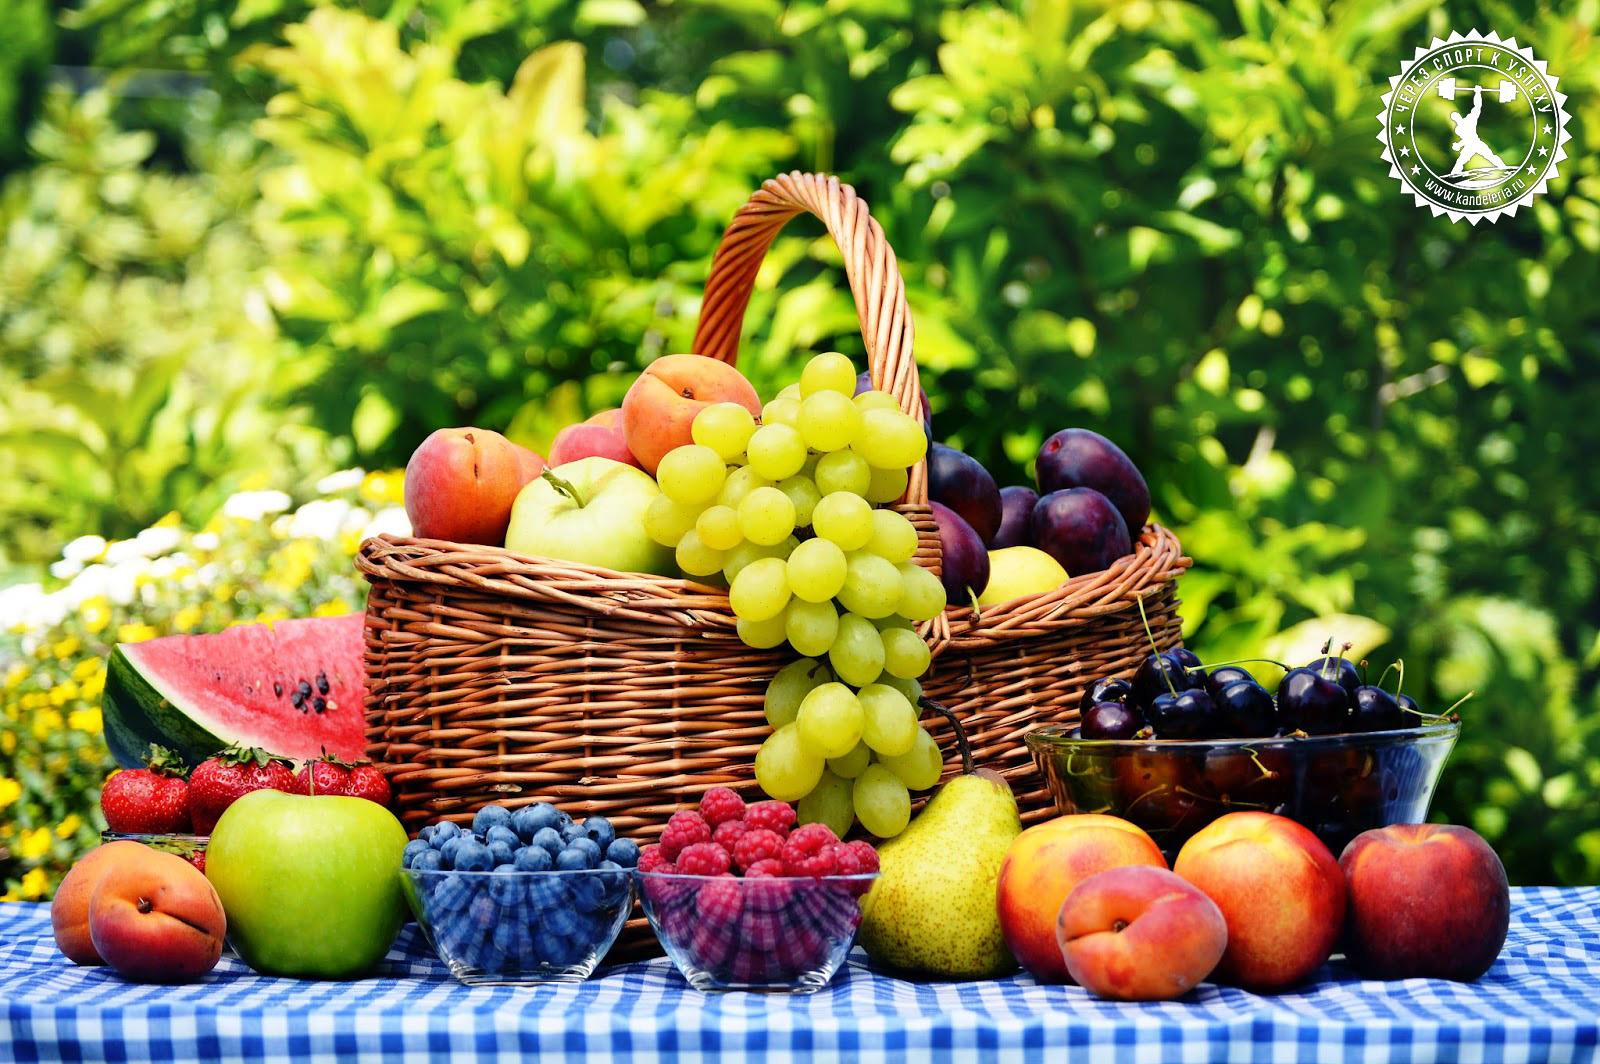 какие продукты можно нельзя при повышенном холестерине